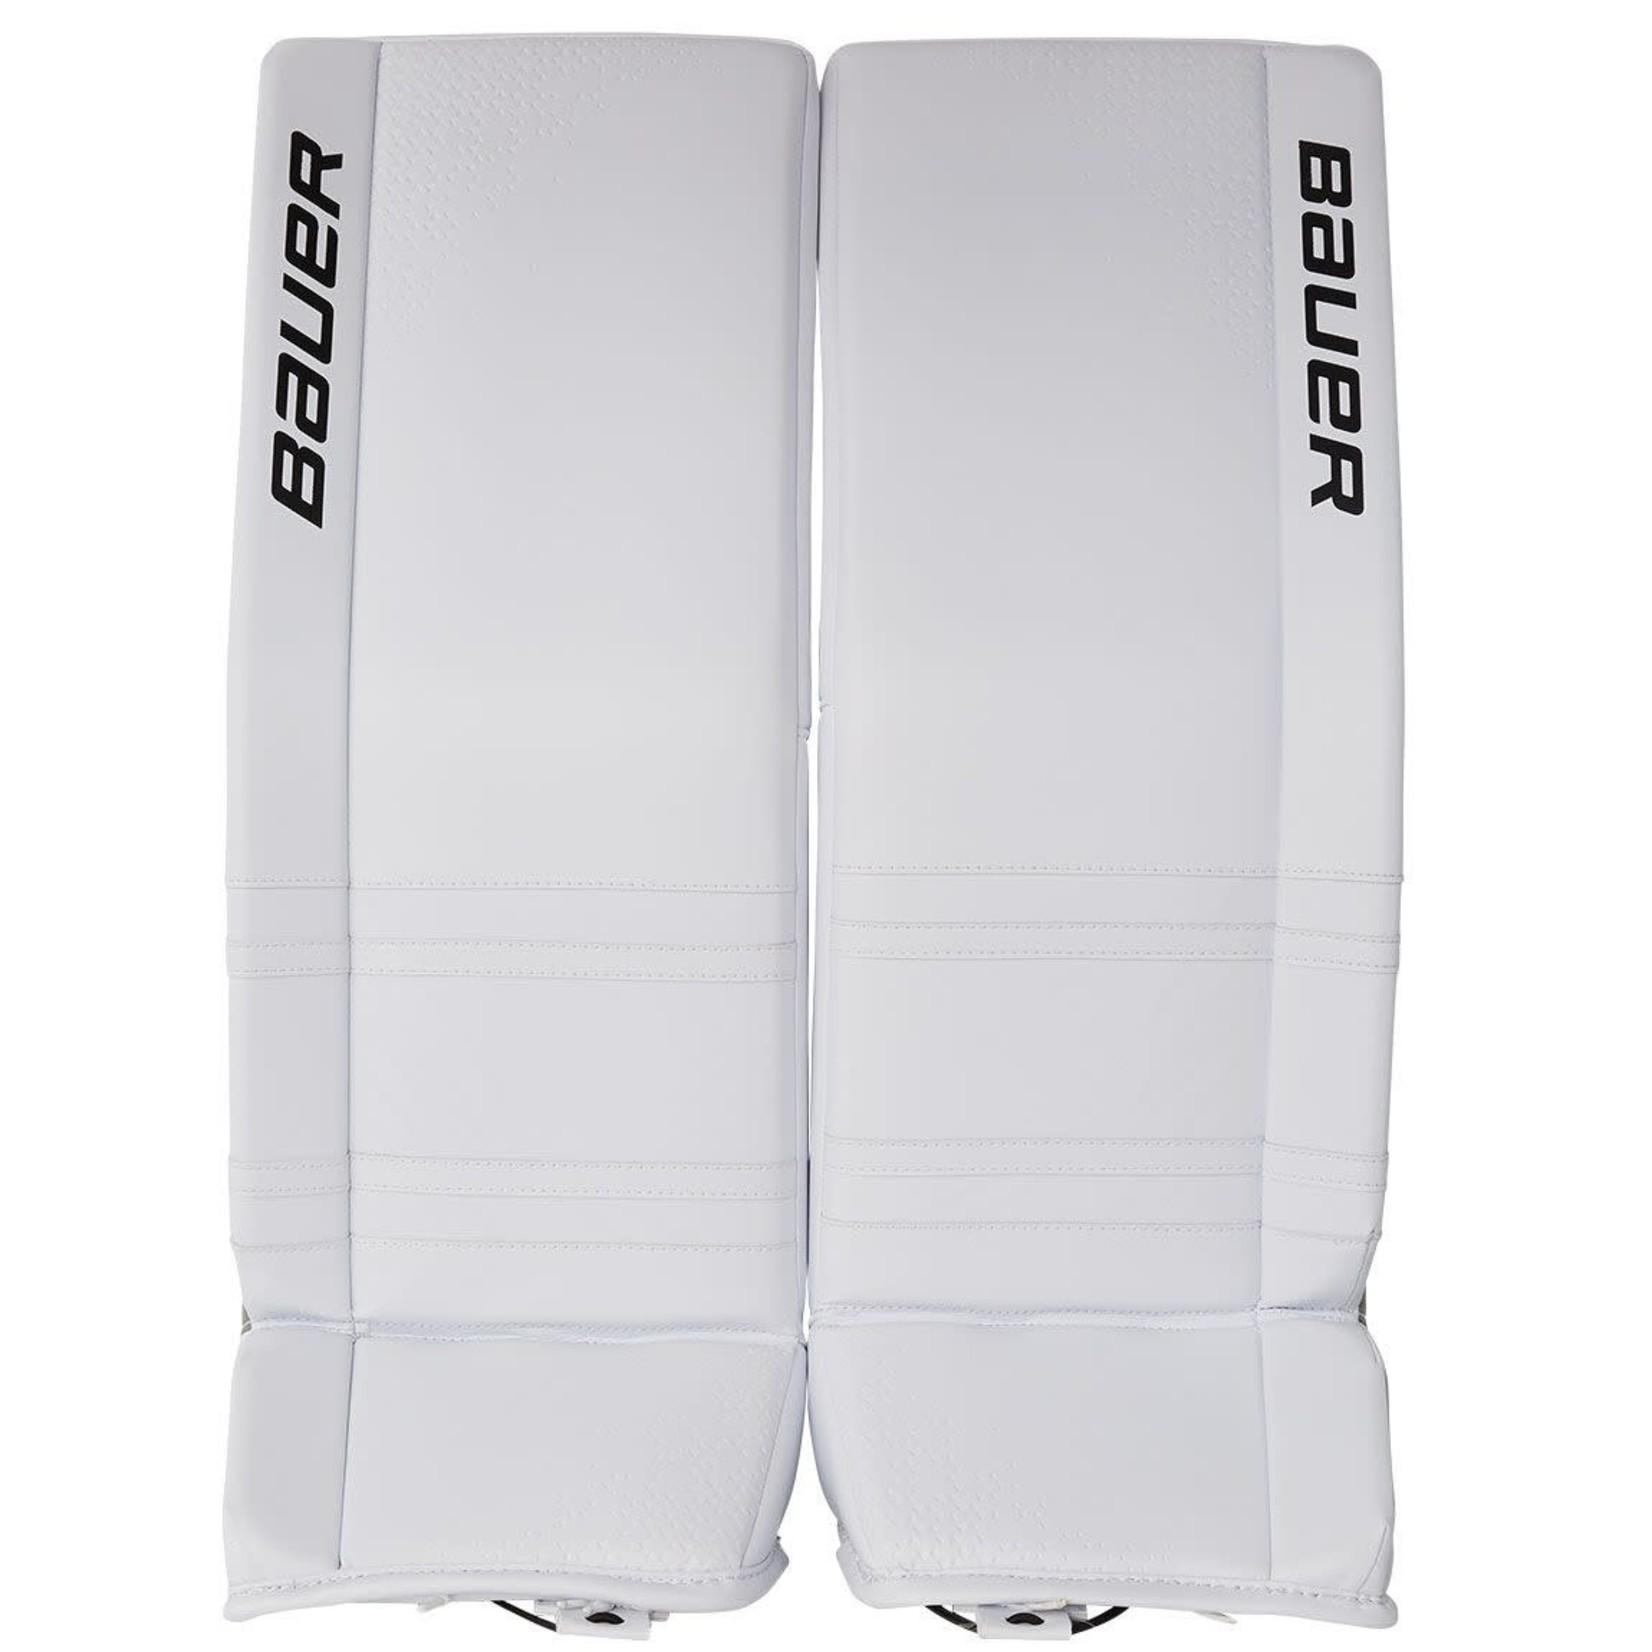 Bauer Bauer Hockey Goal Pads, GSX, Intermediate